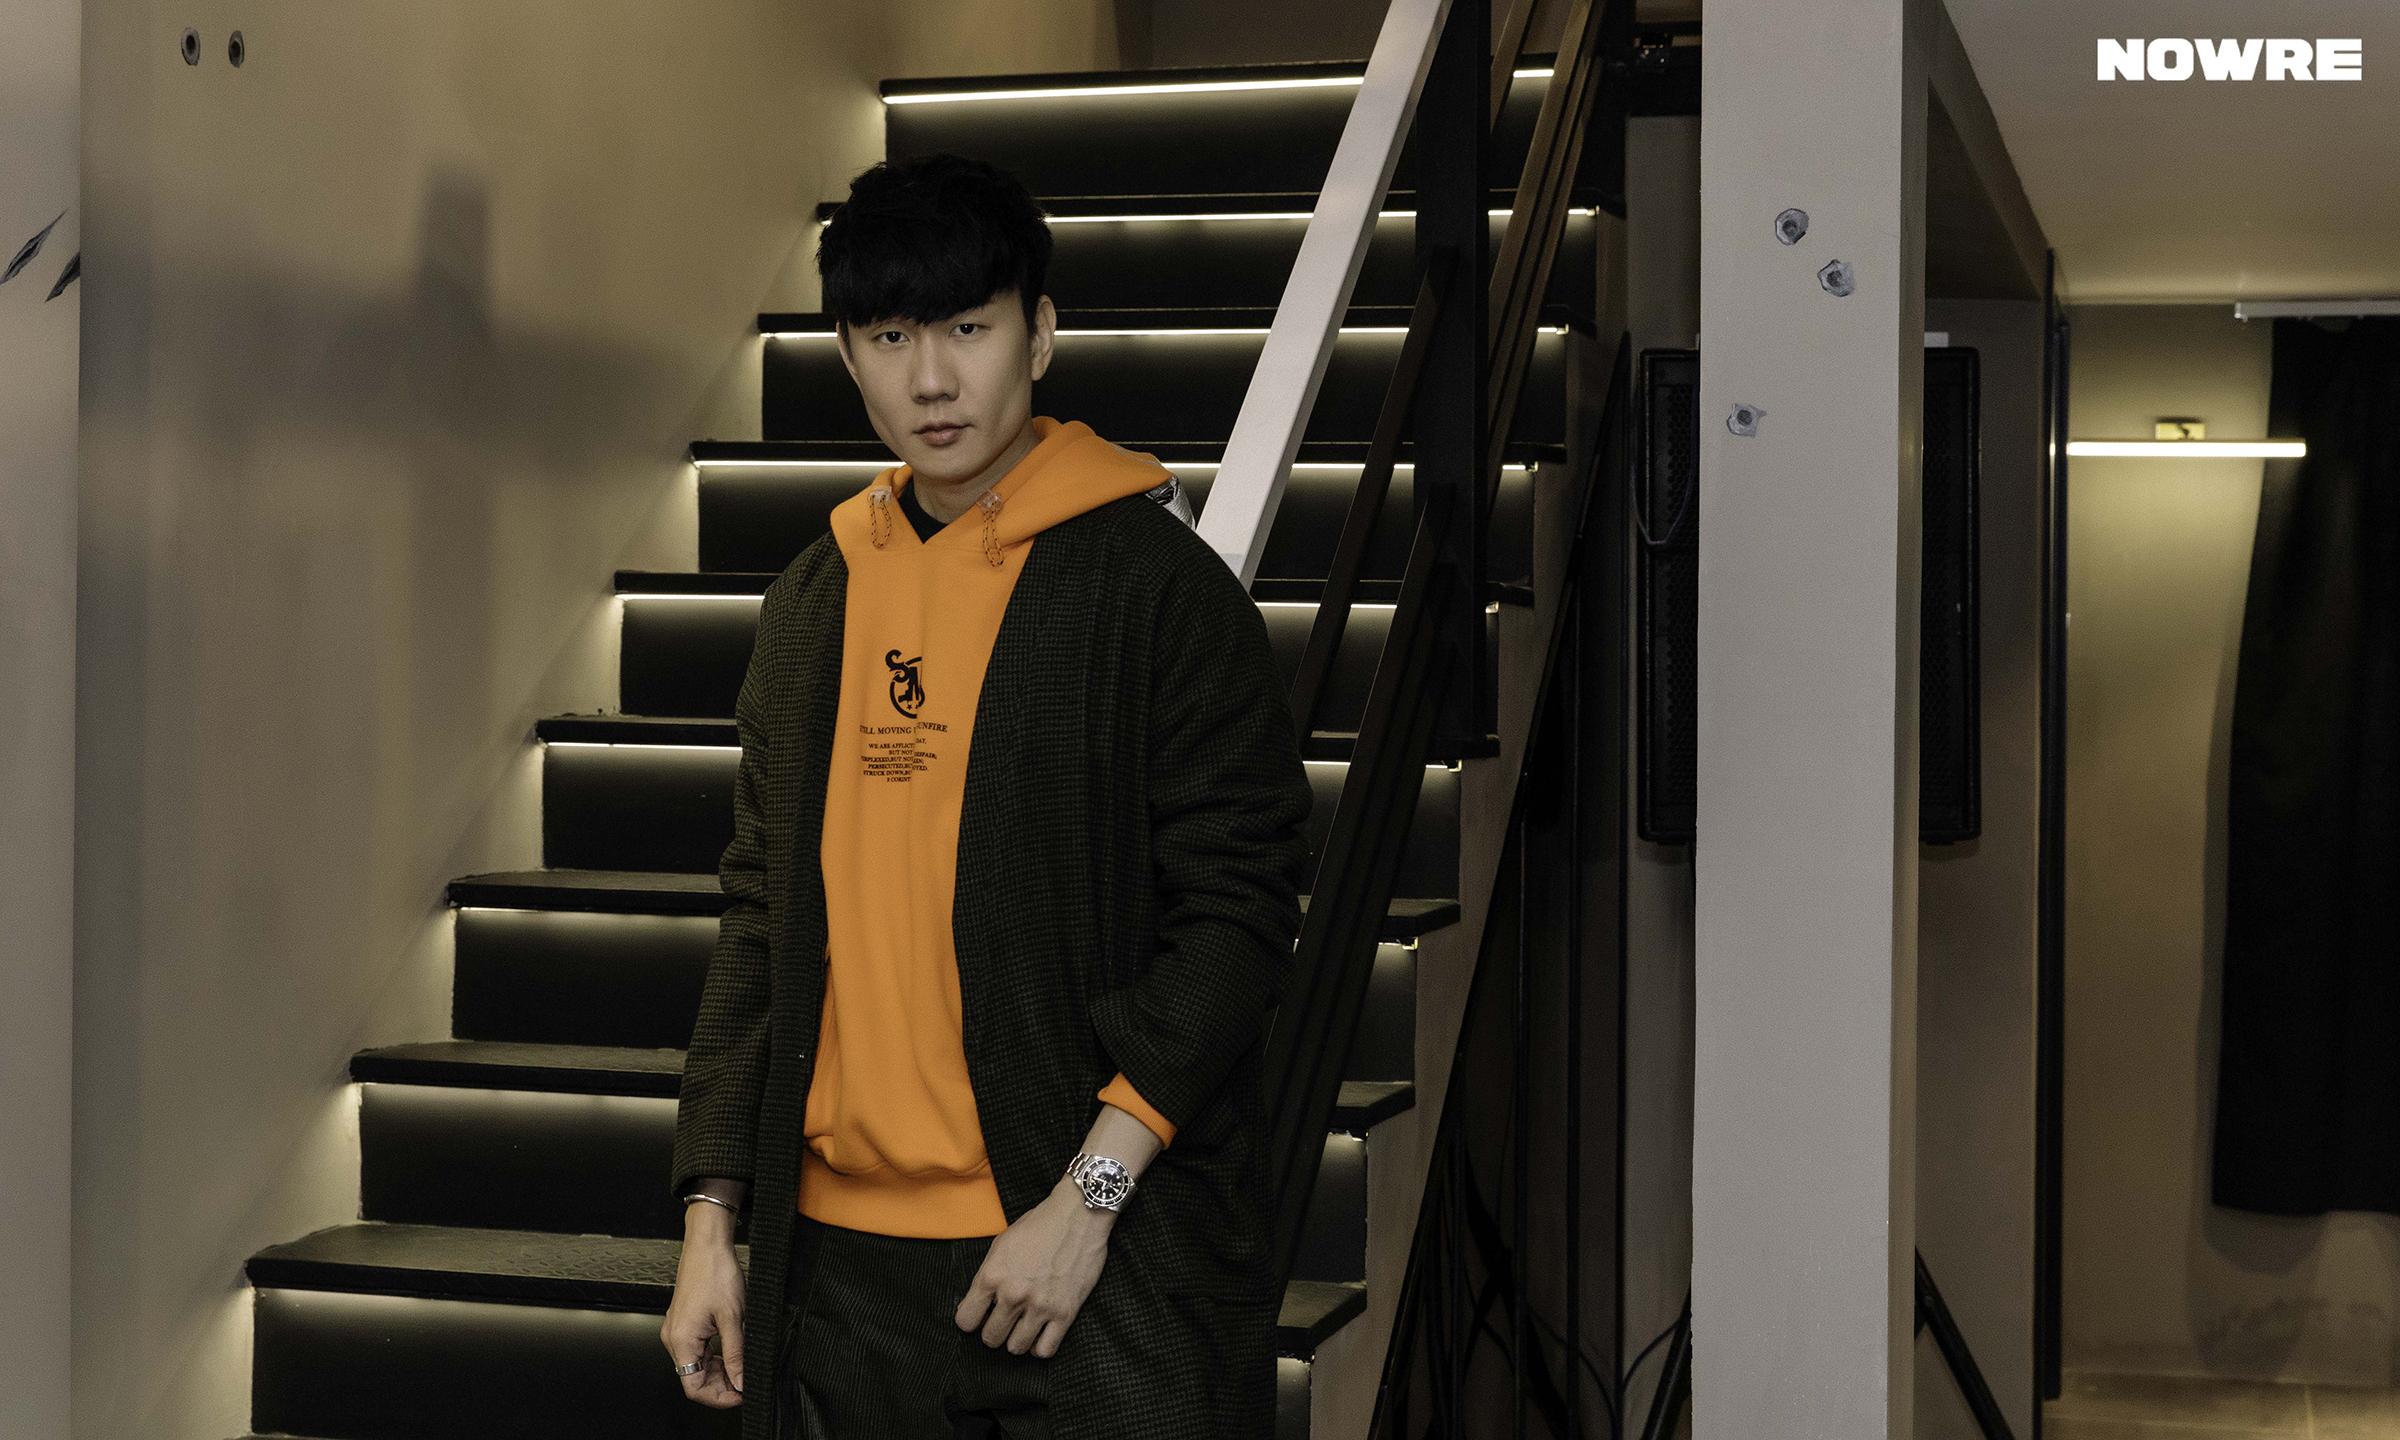 林俊杰:做品牌需要抛开「明星光环」